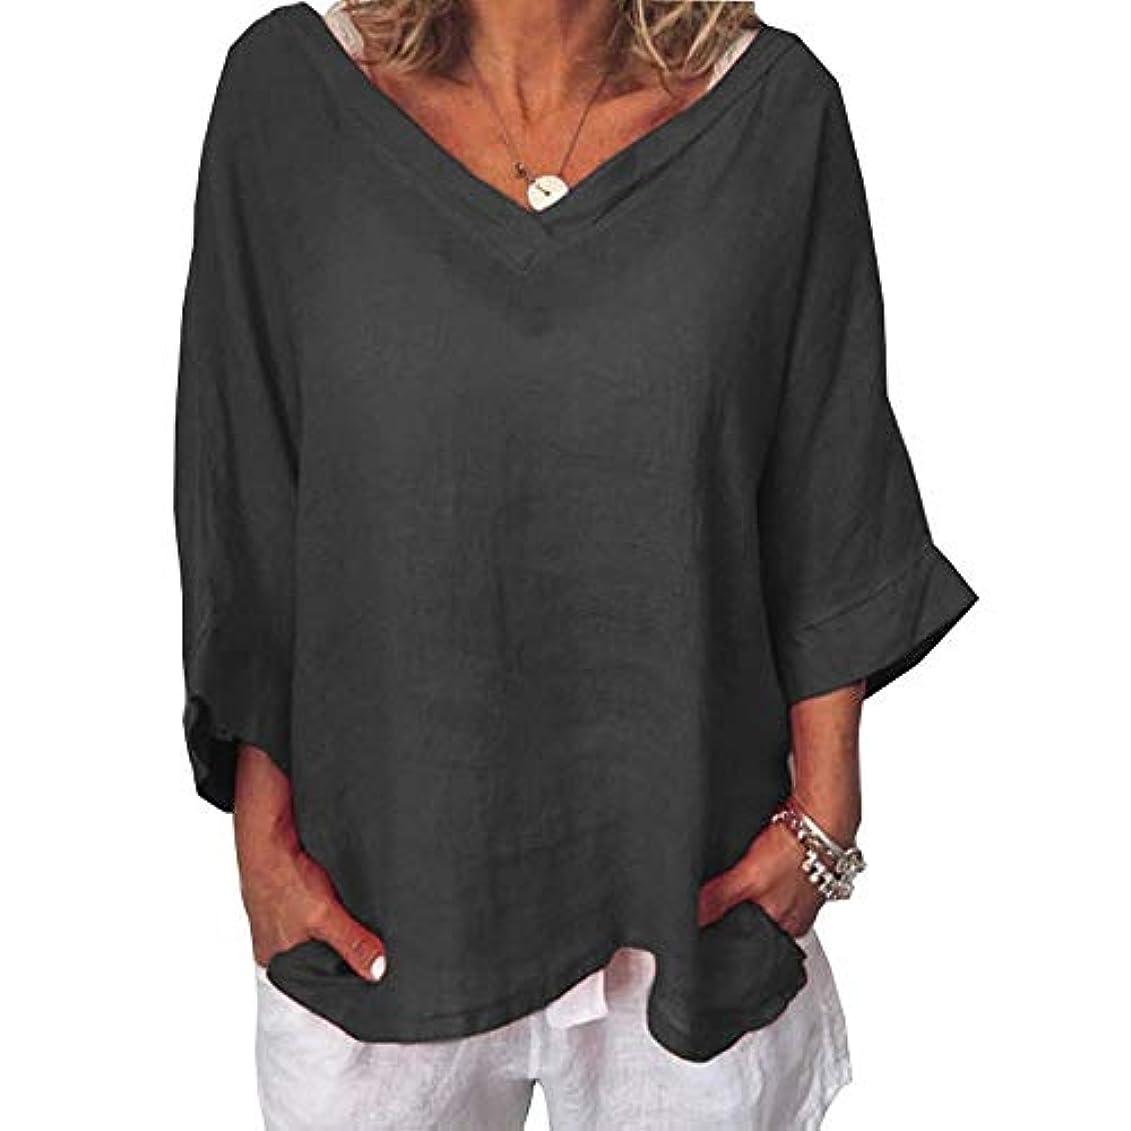 いっぱい完璧操作MIFAN女性ファッションカジュアルVネックトップス無地長袖Tシャツルーズボヘミアンビーチウェア